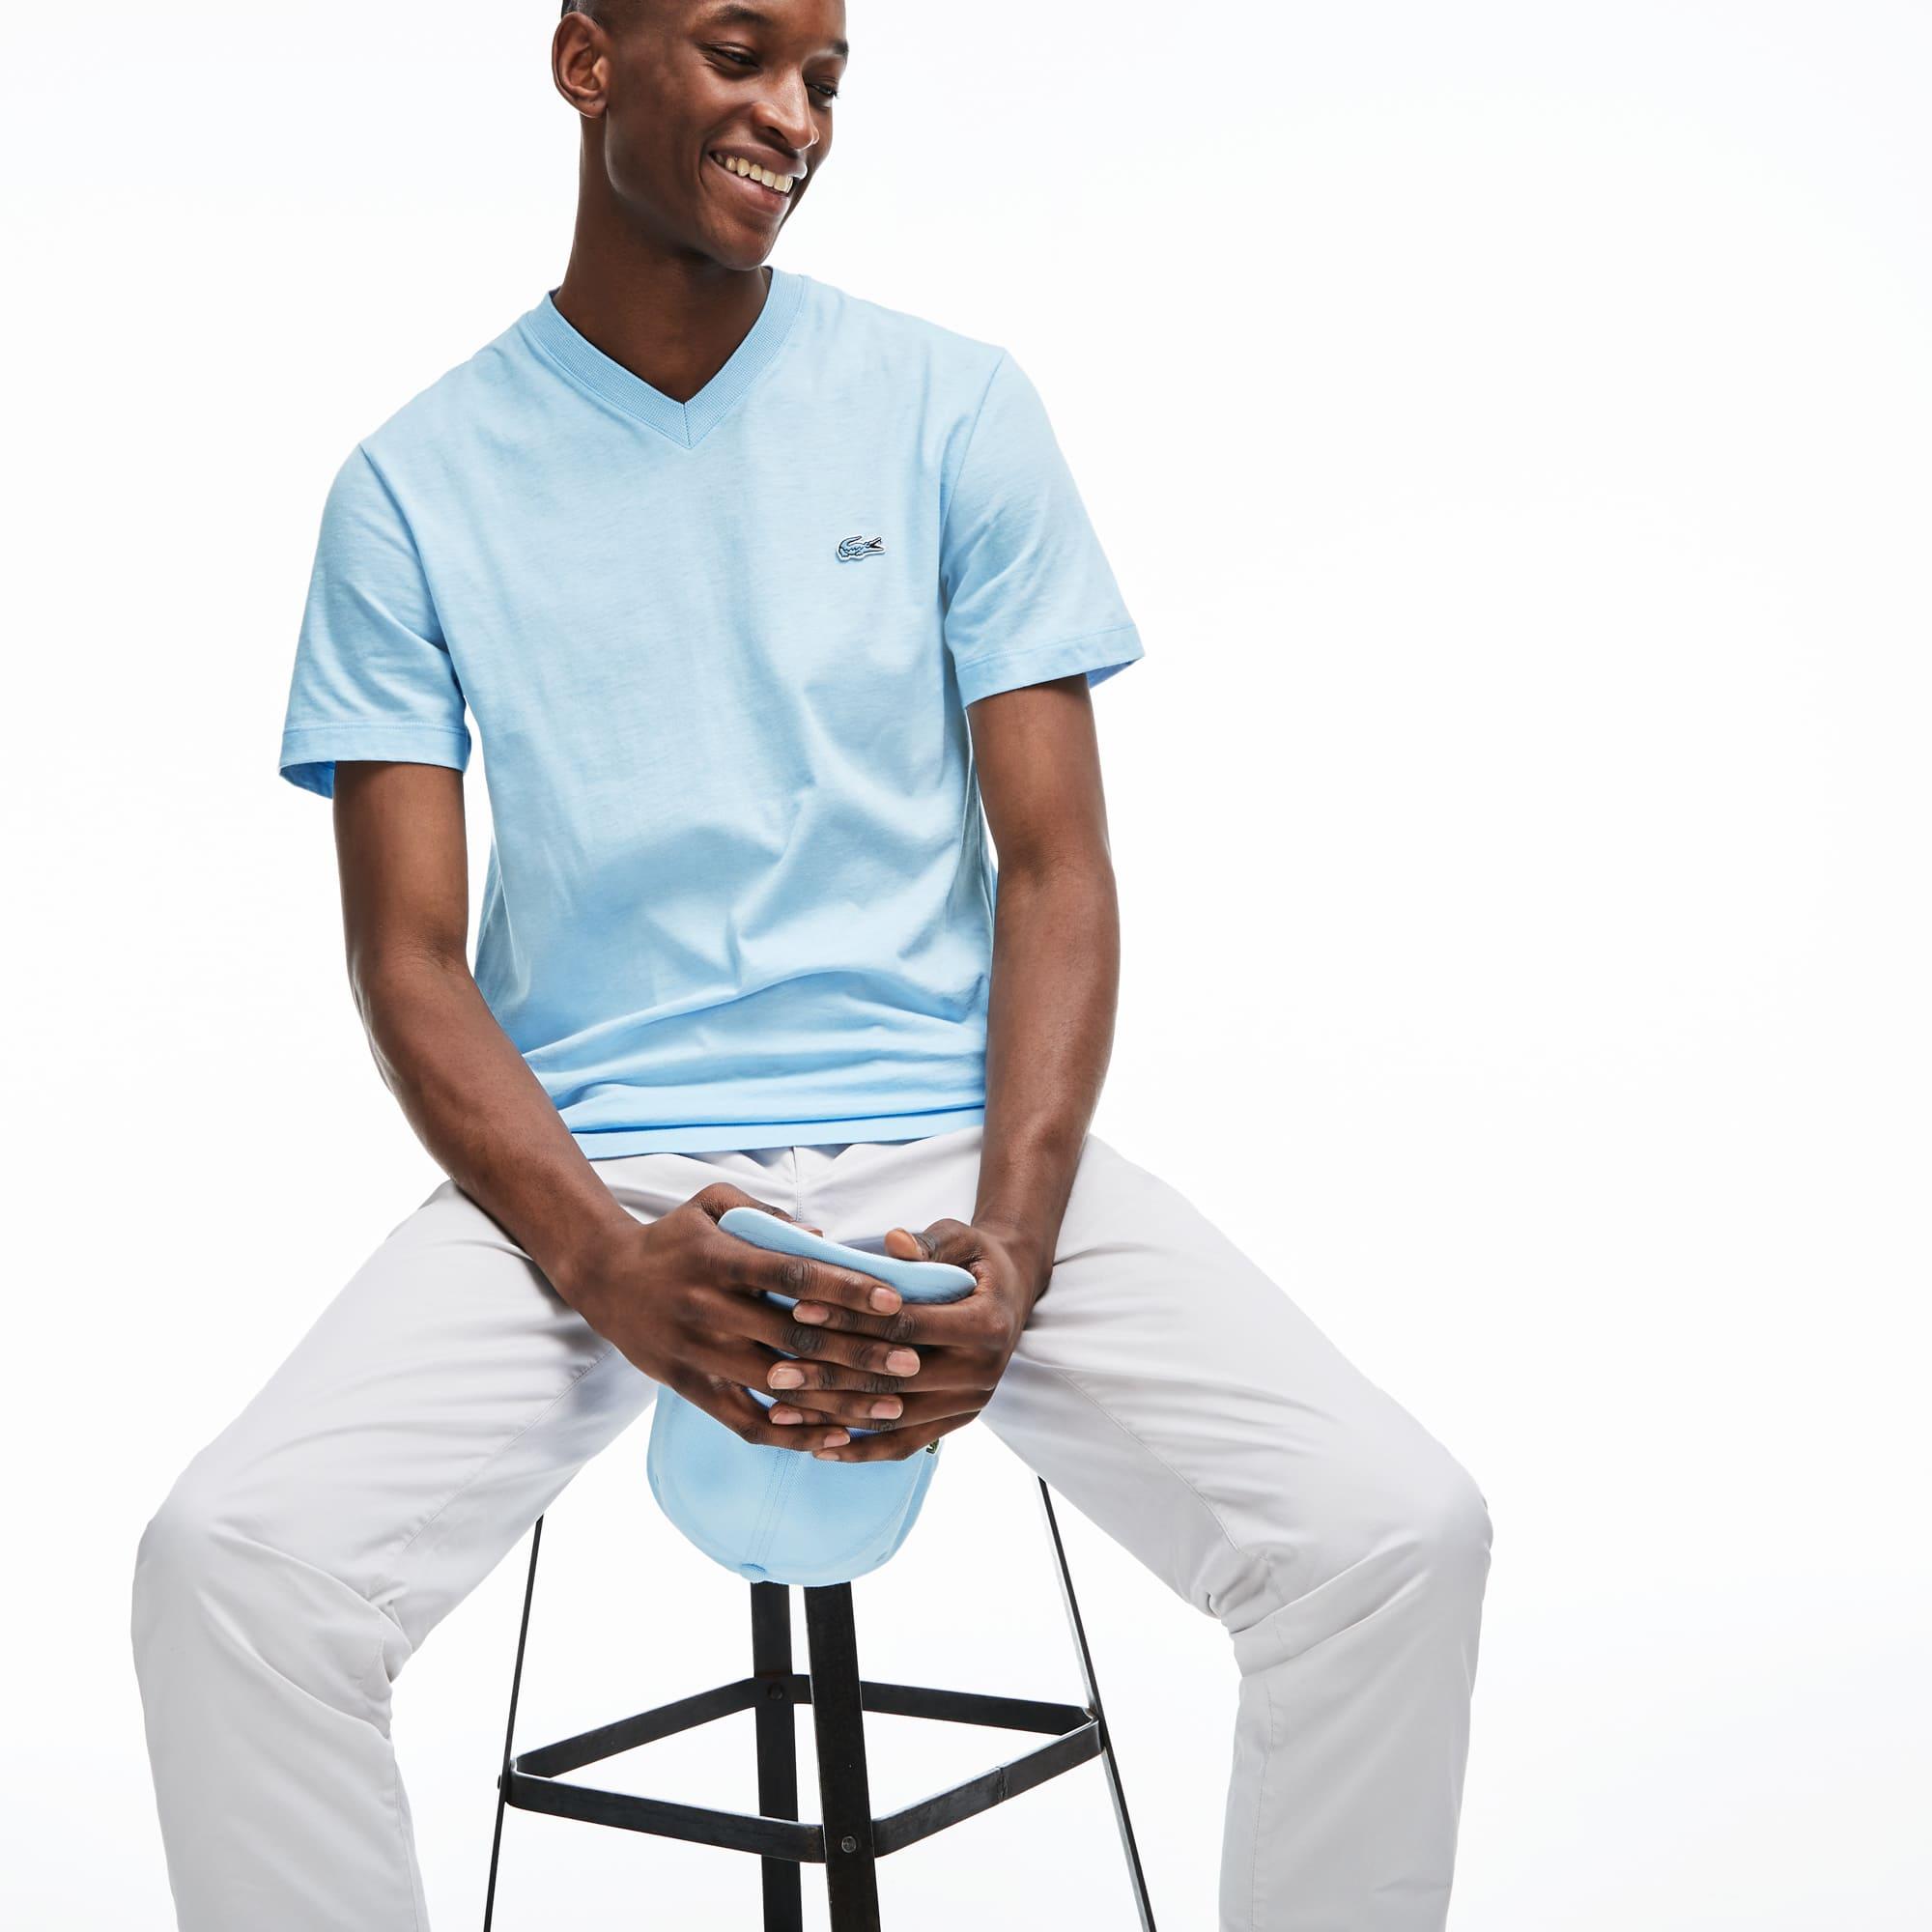 Lacoste Men's V-Neck Cotton T-shirt